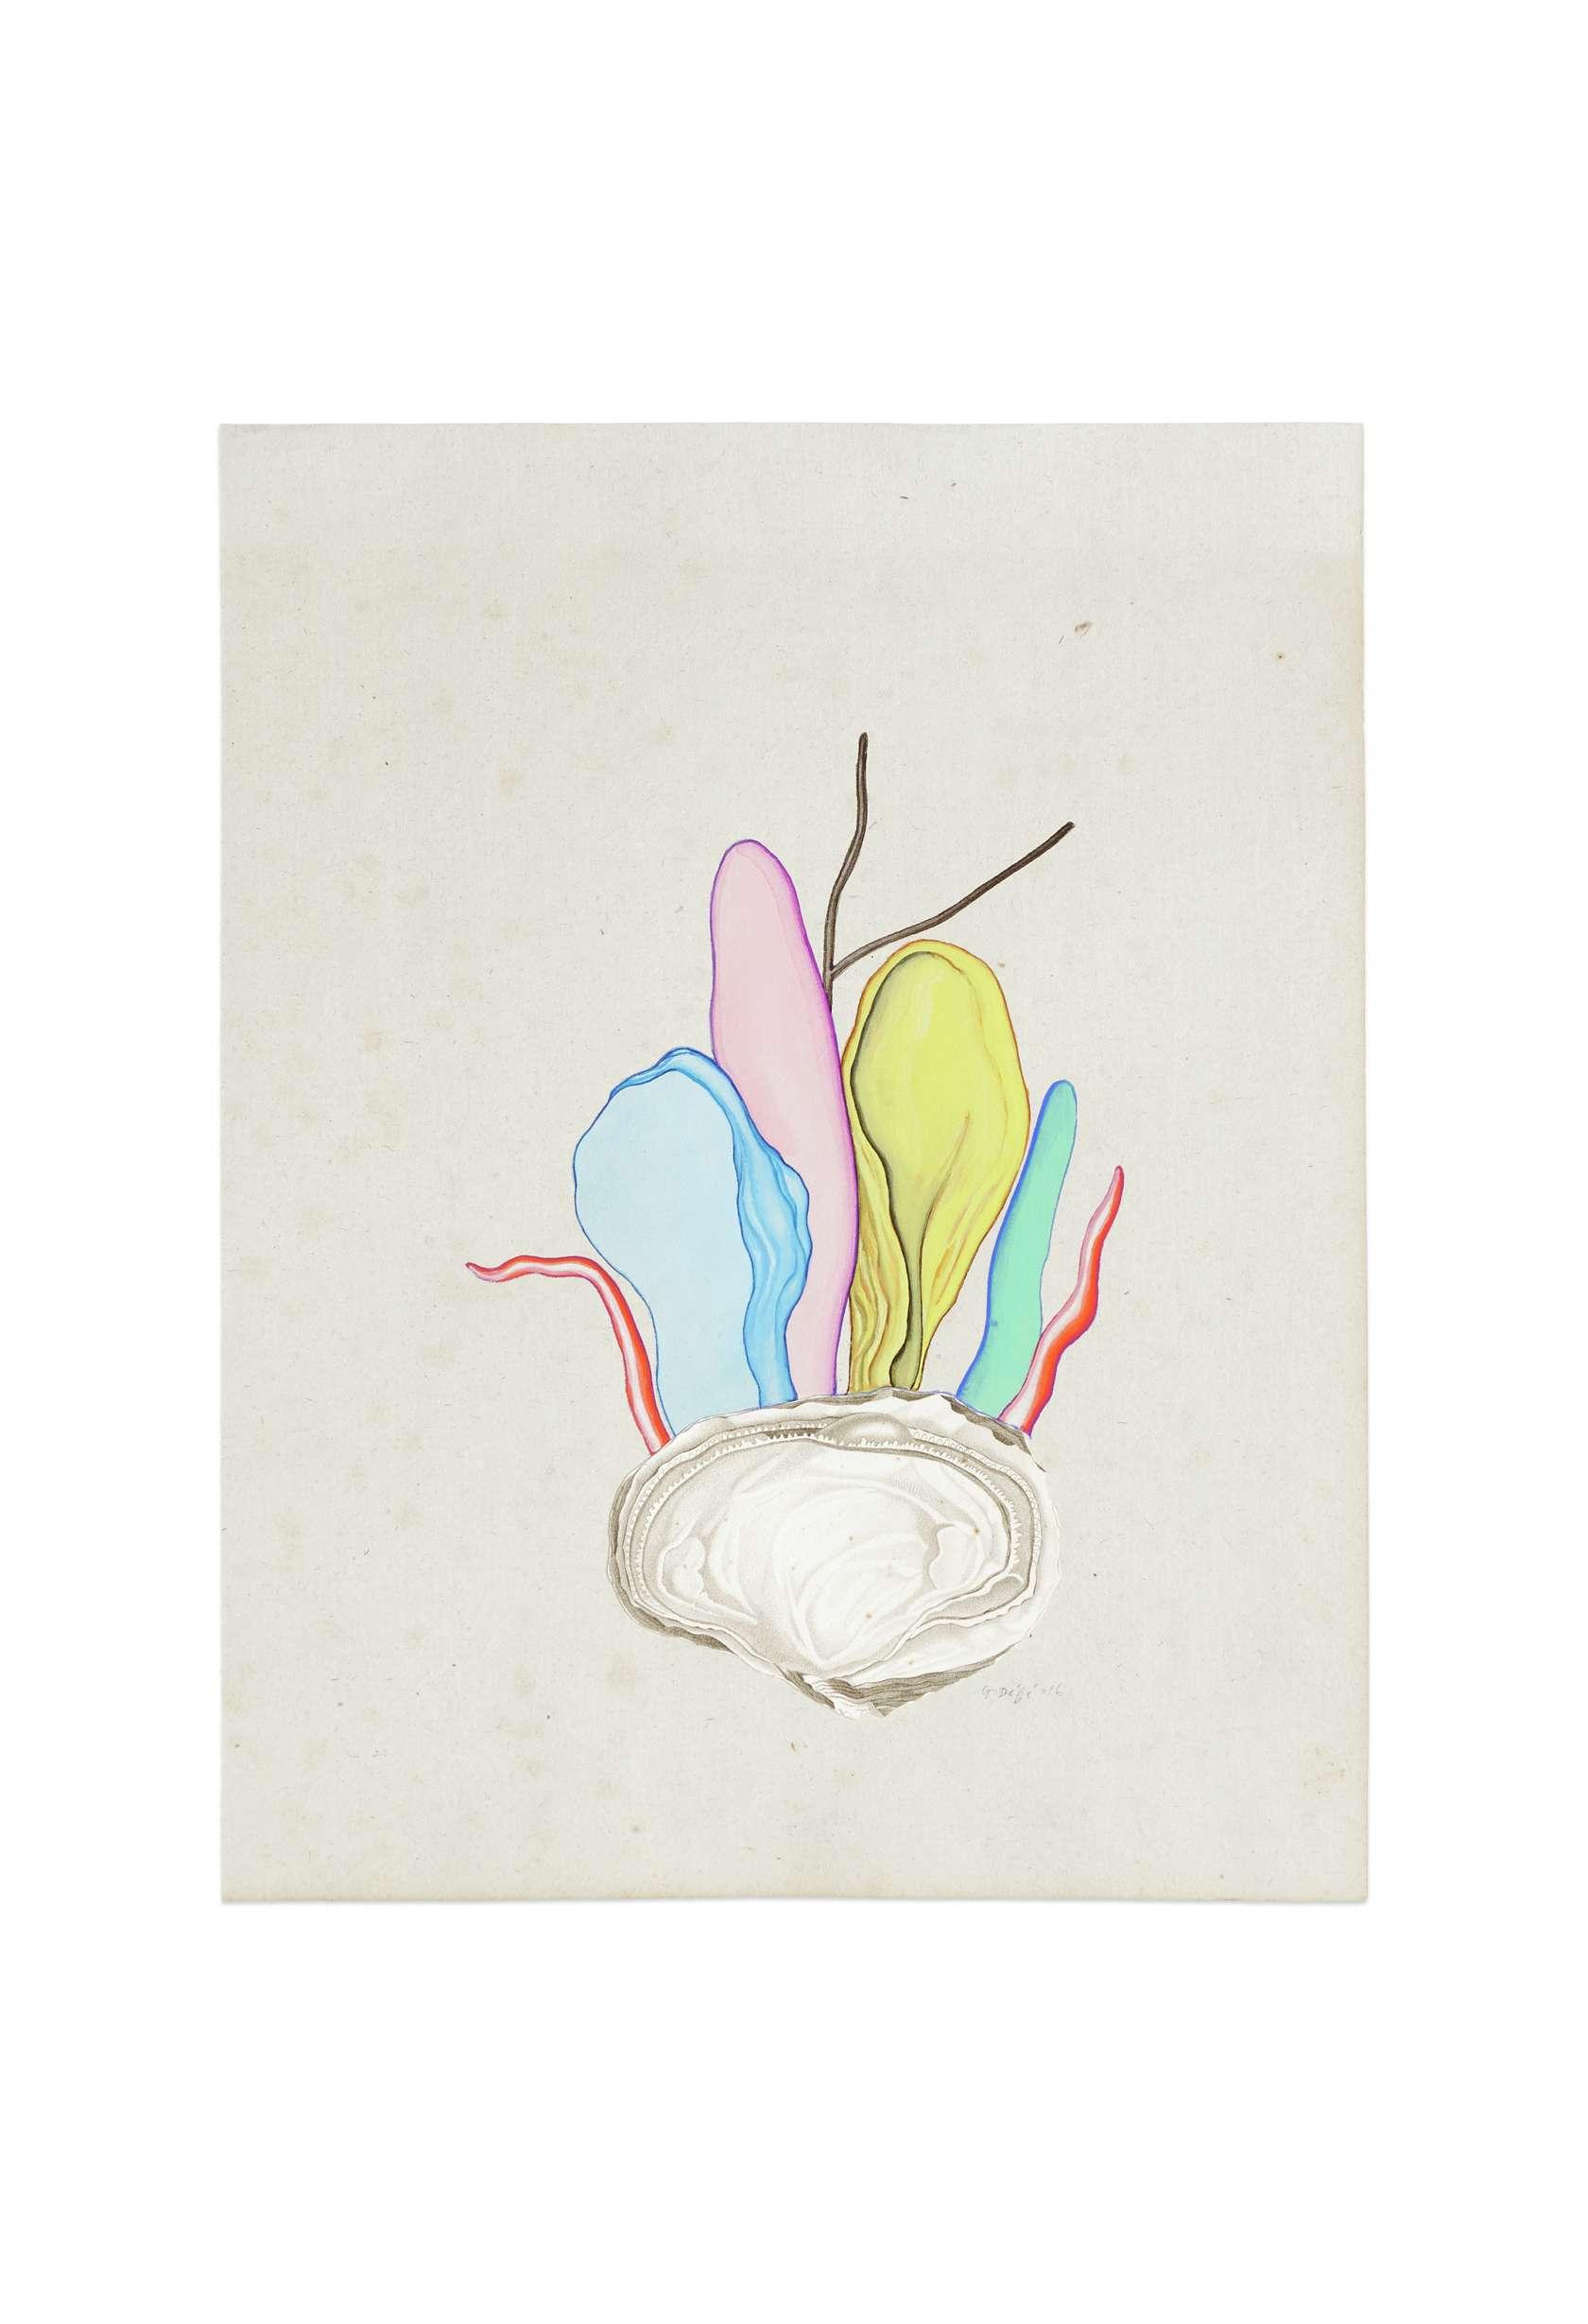 Guillaume Dégé, Sans titre, 2016 Gouache et collage sur papier XVIIIe25 x 19cm / 9 7/8 x 7 1/2inches